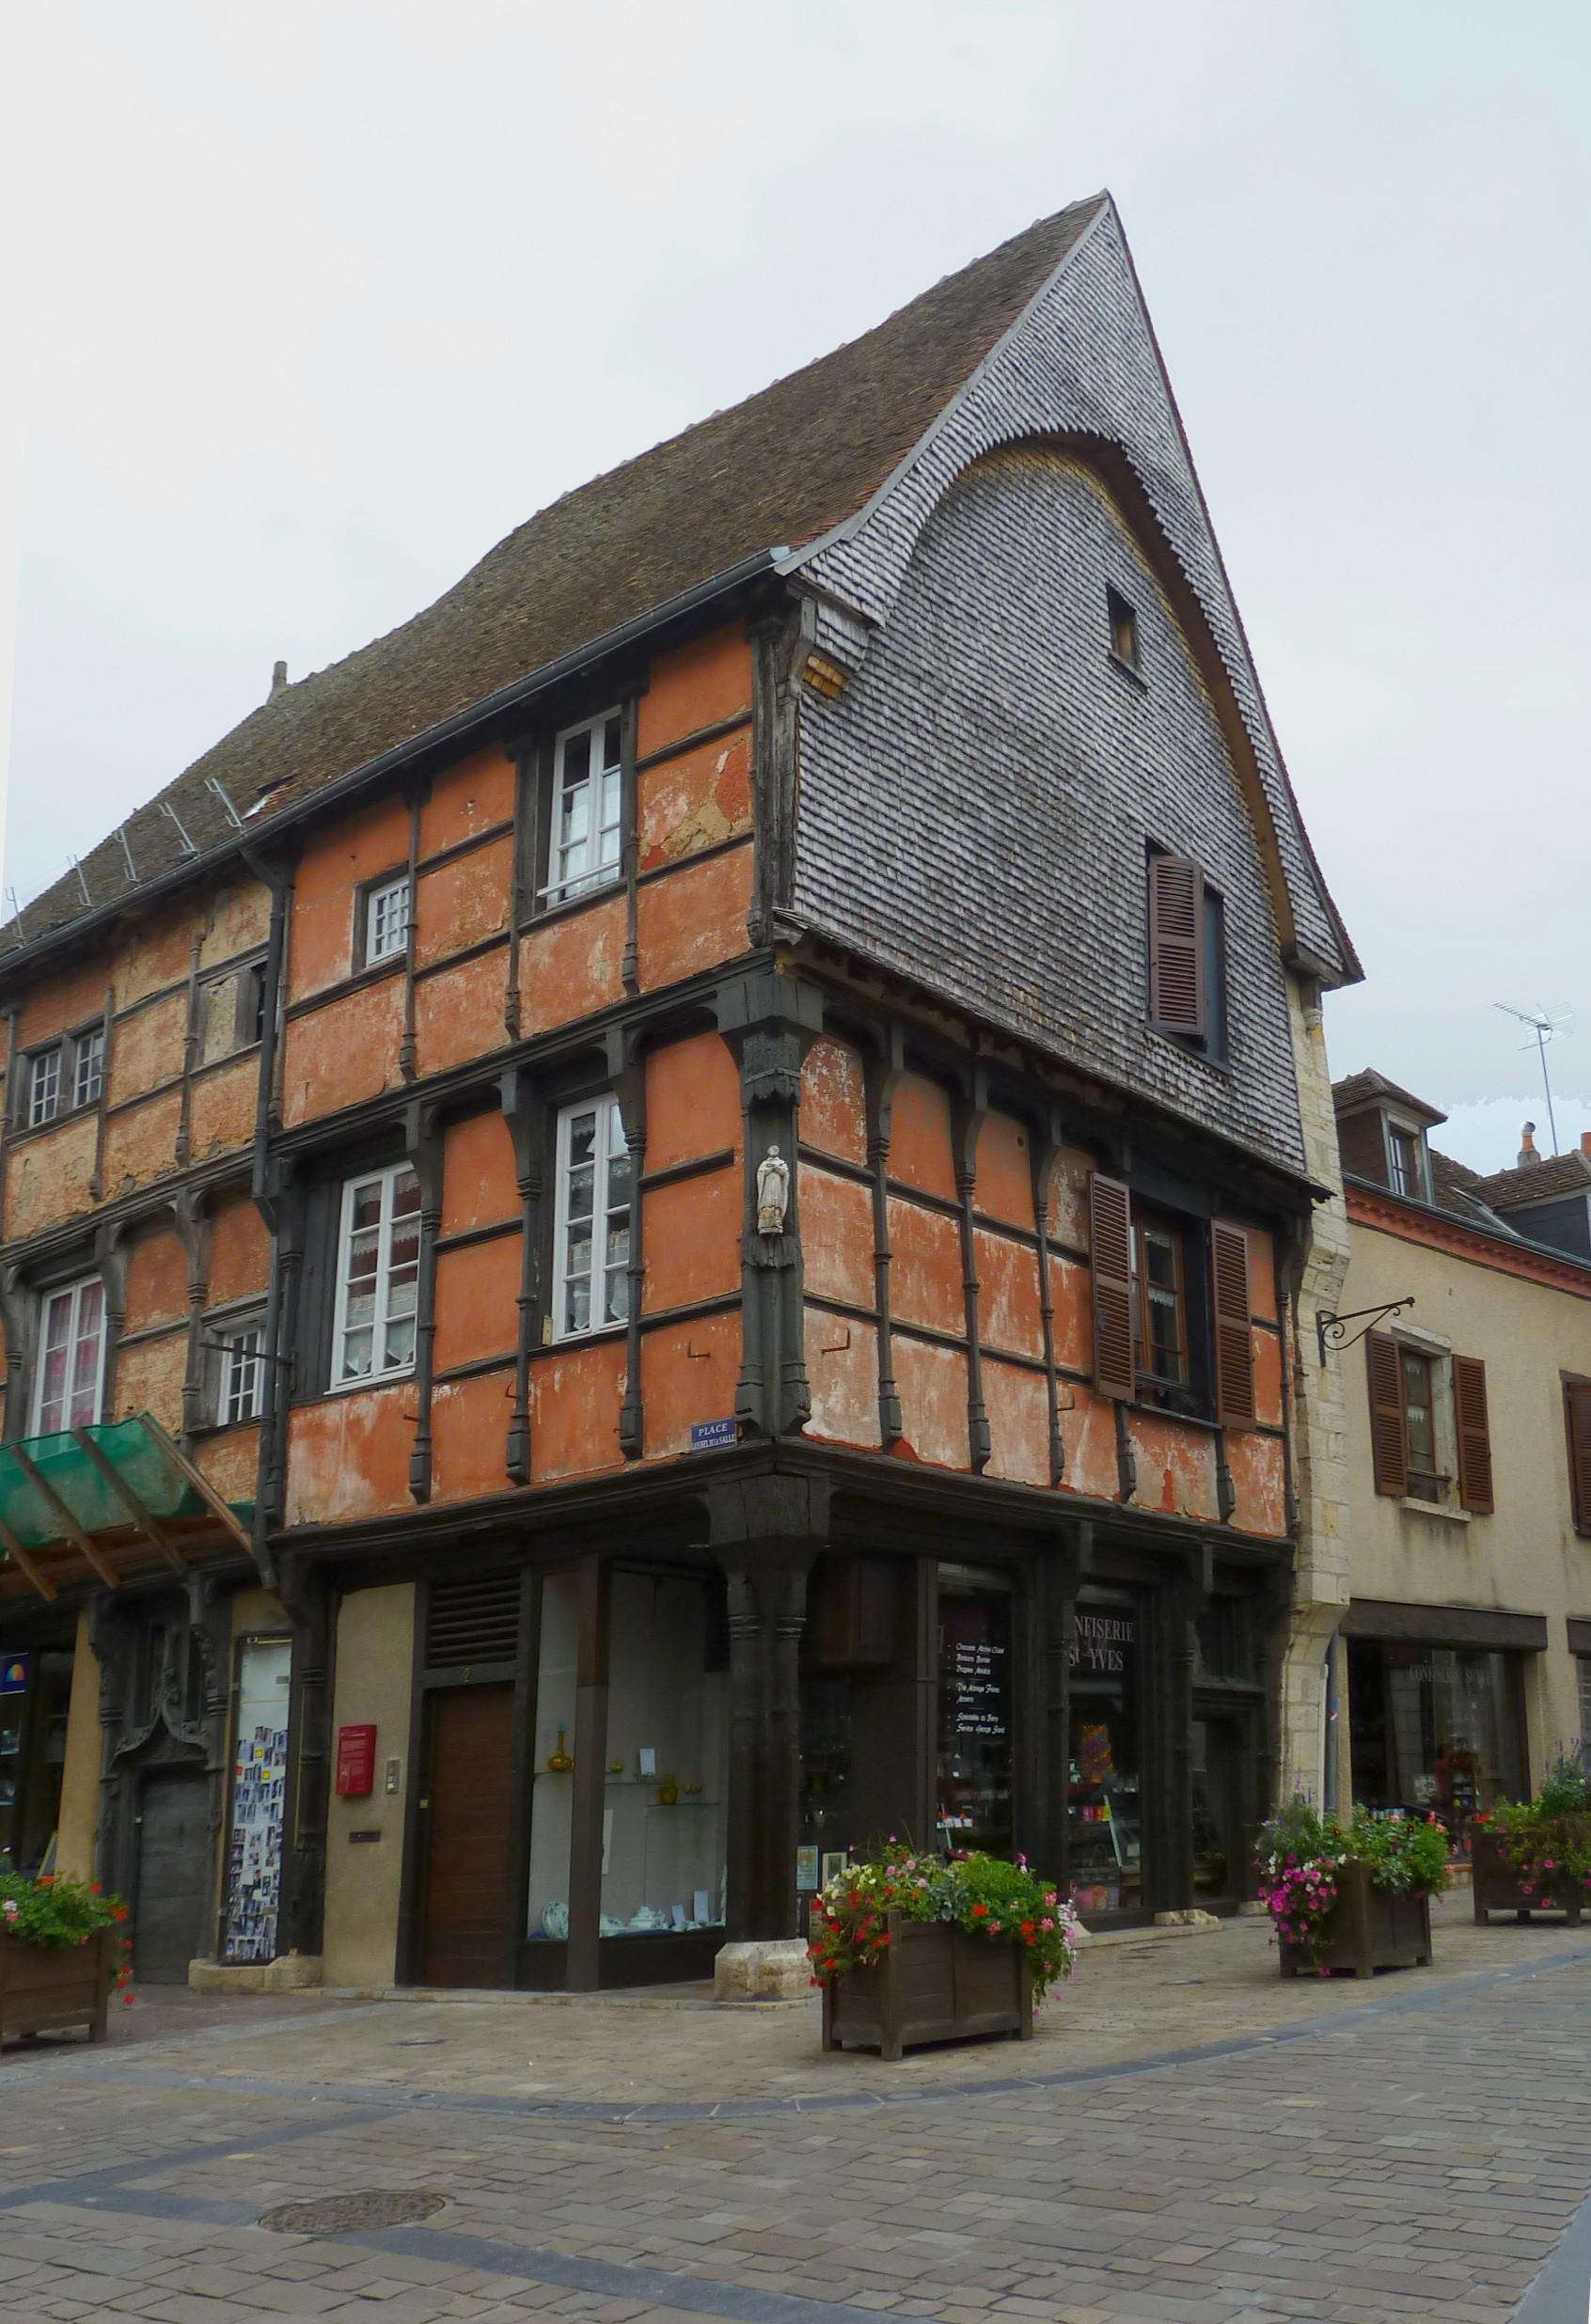 Maison De La Salle file:maison, 4 place laisnel-de-la-salle, la châtre